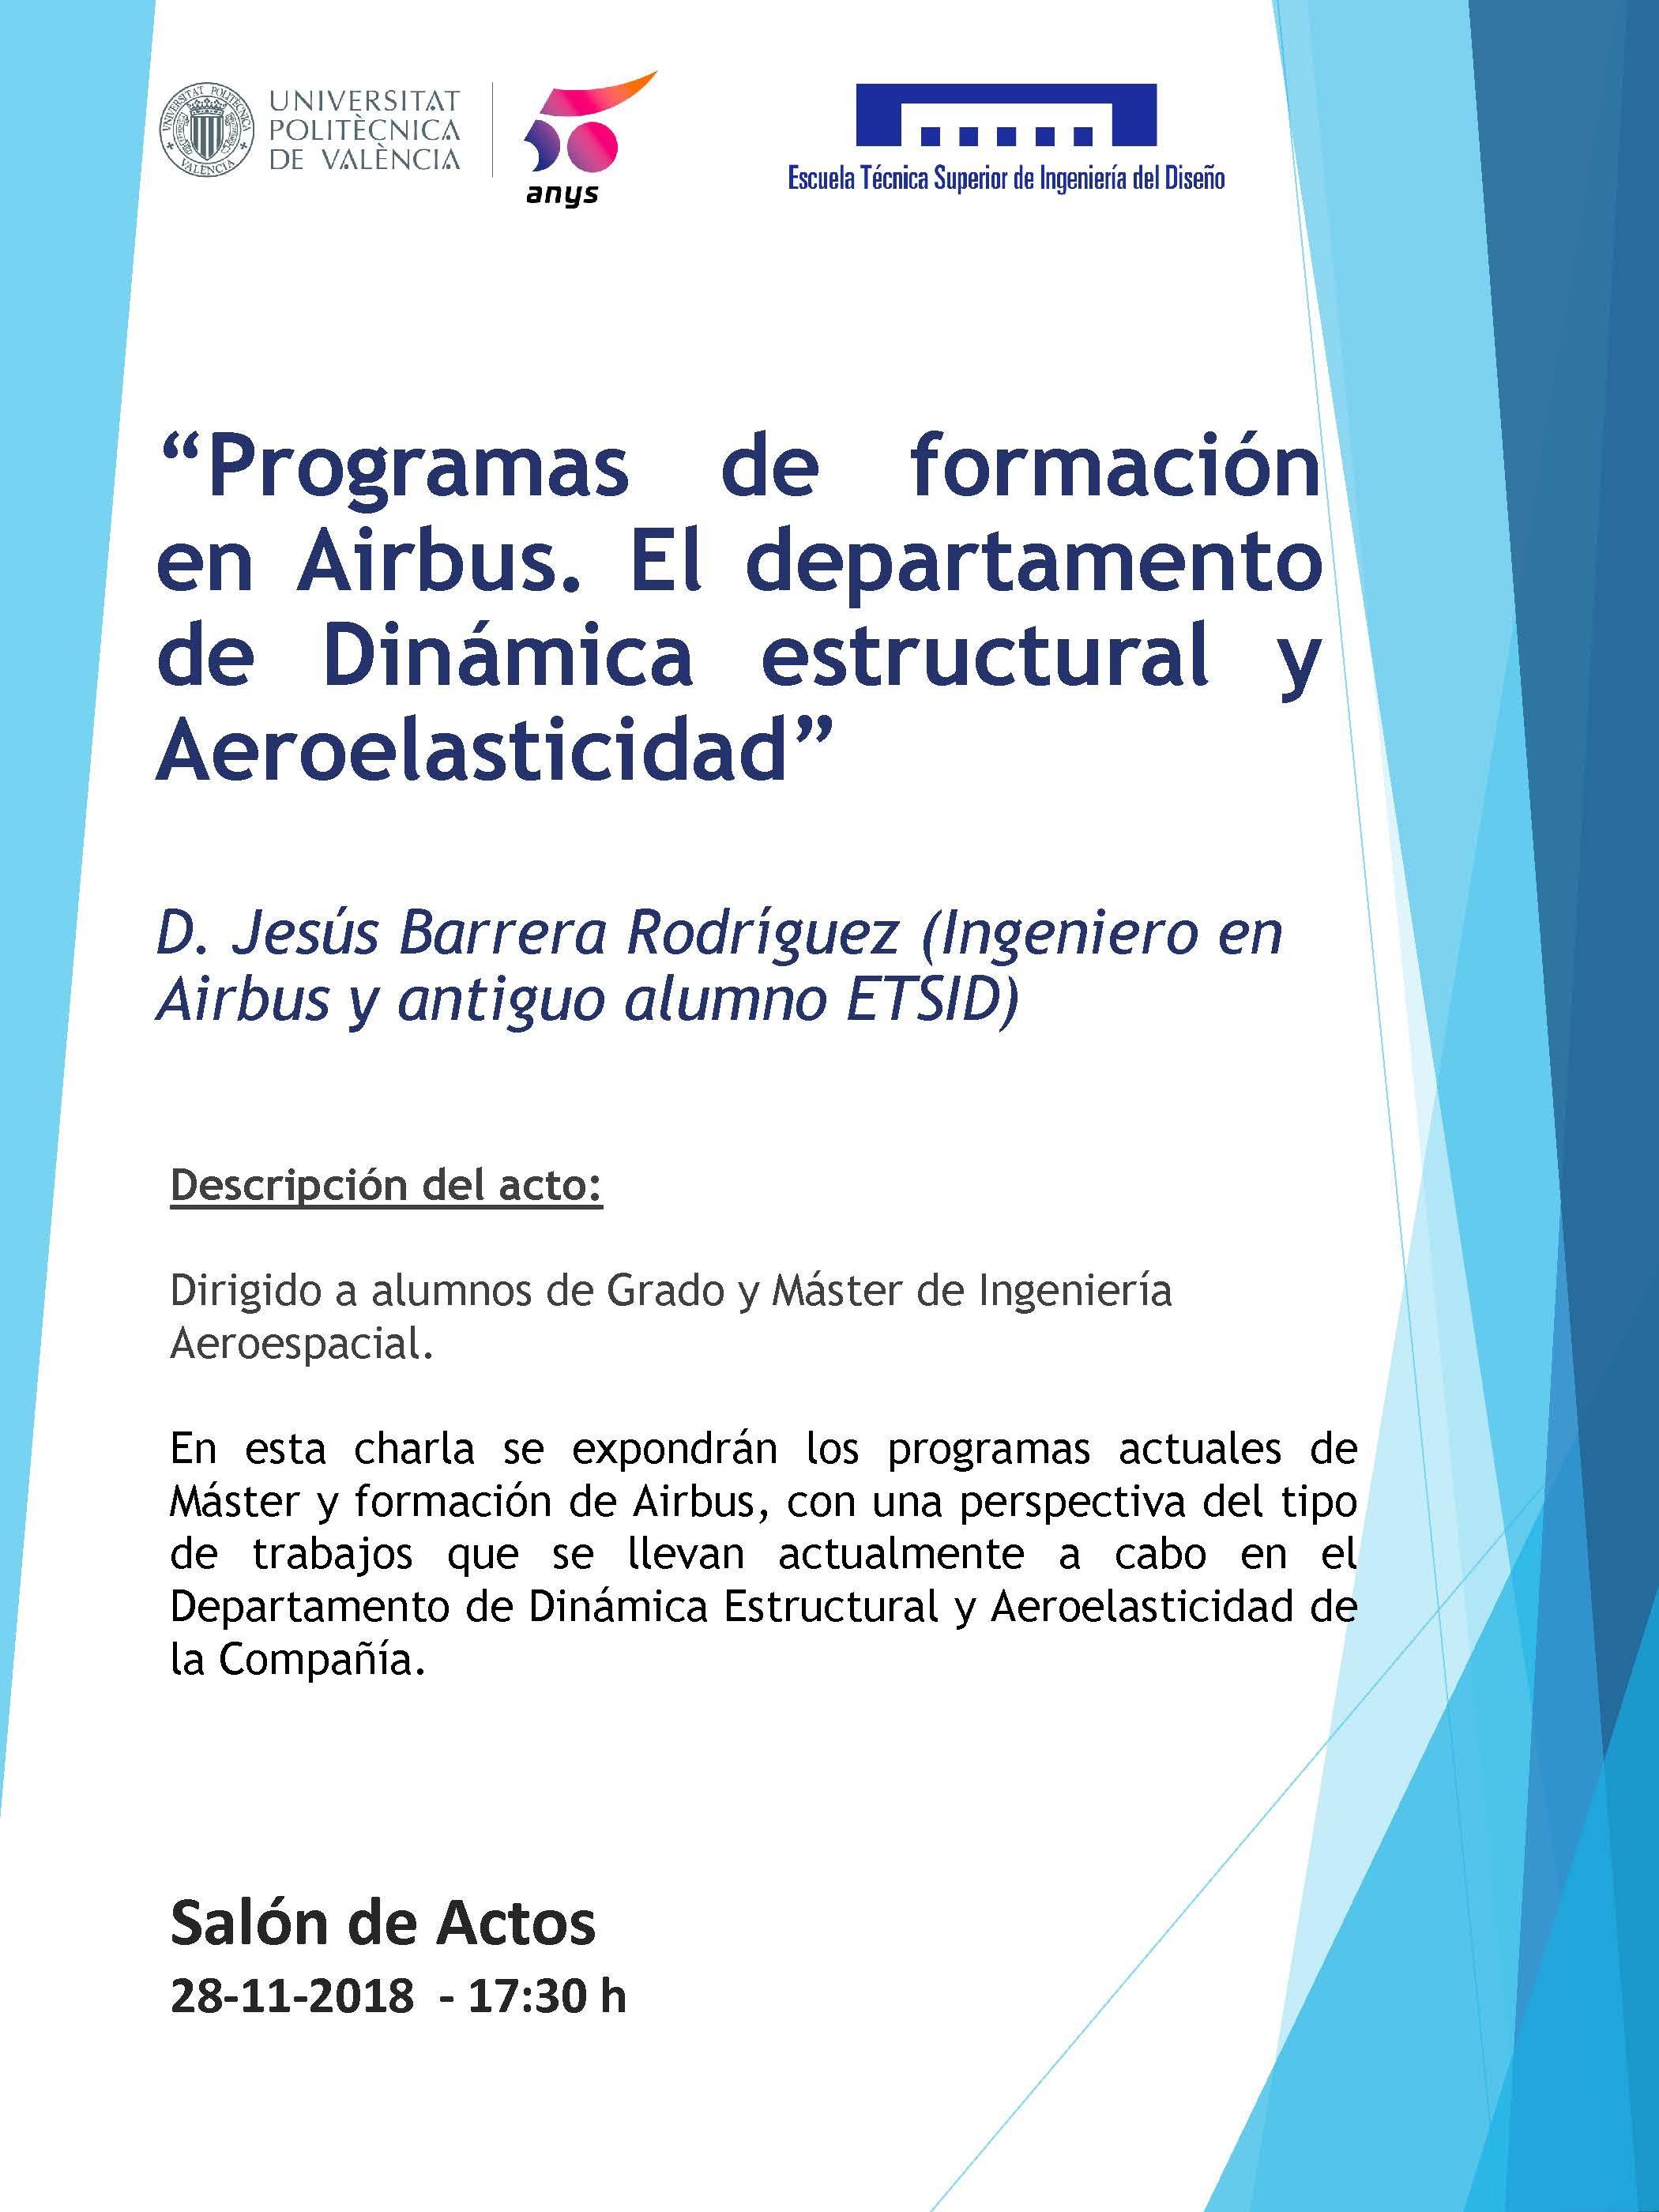 Calendario 2019 Festivos Alicante Más Recientemente Liberado Etsid